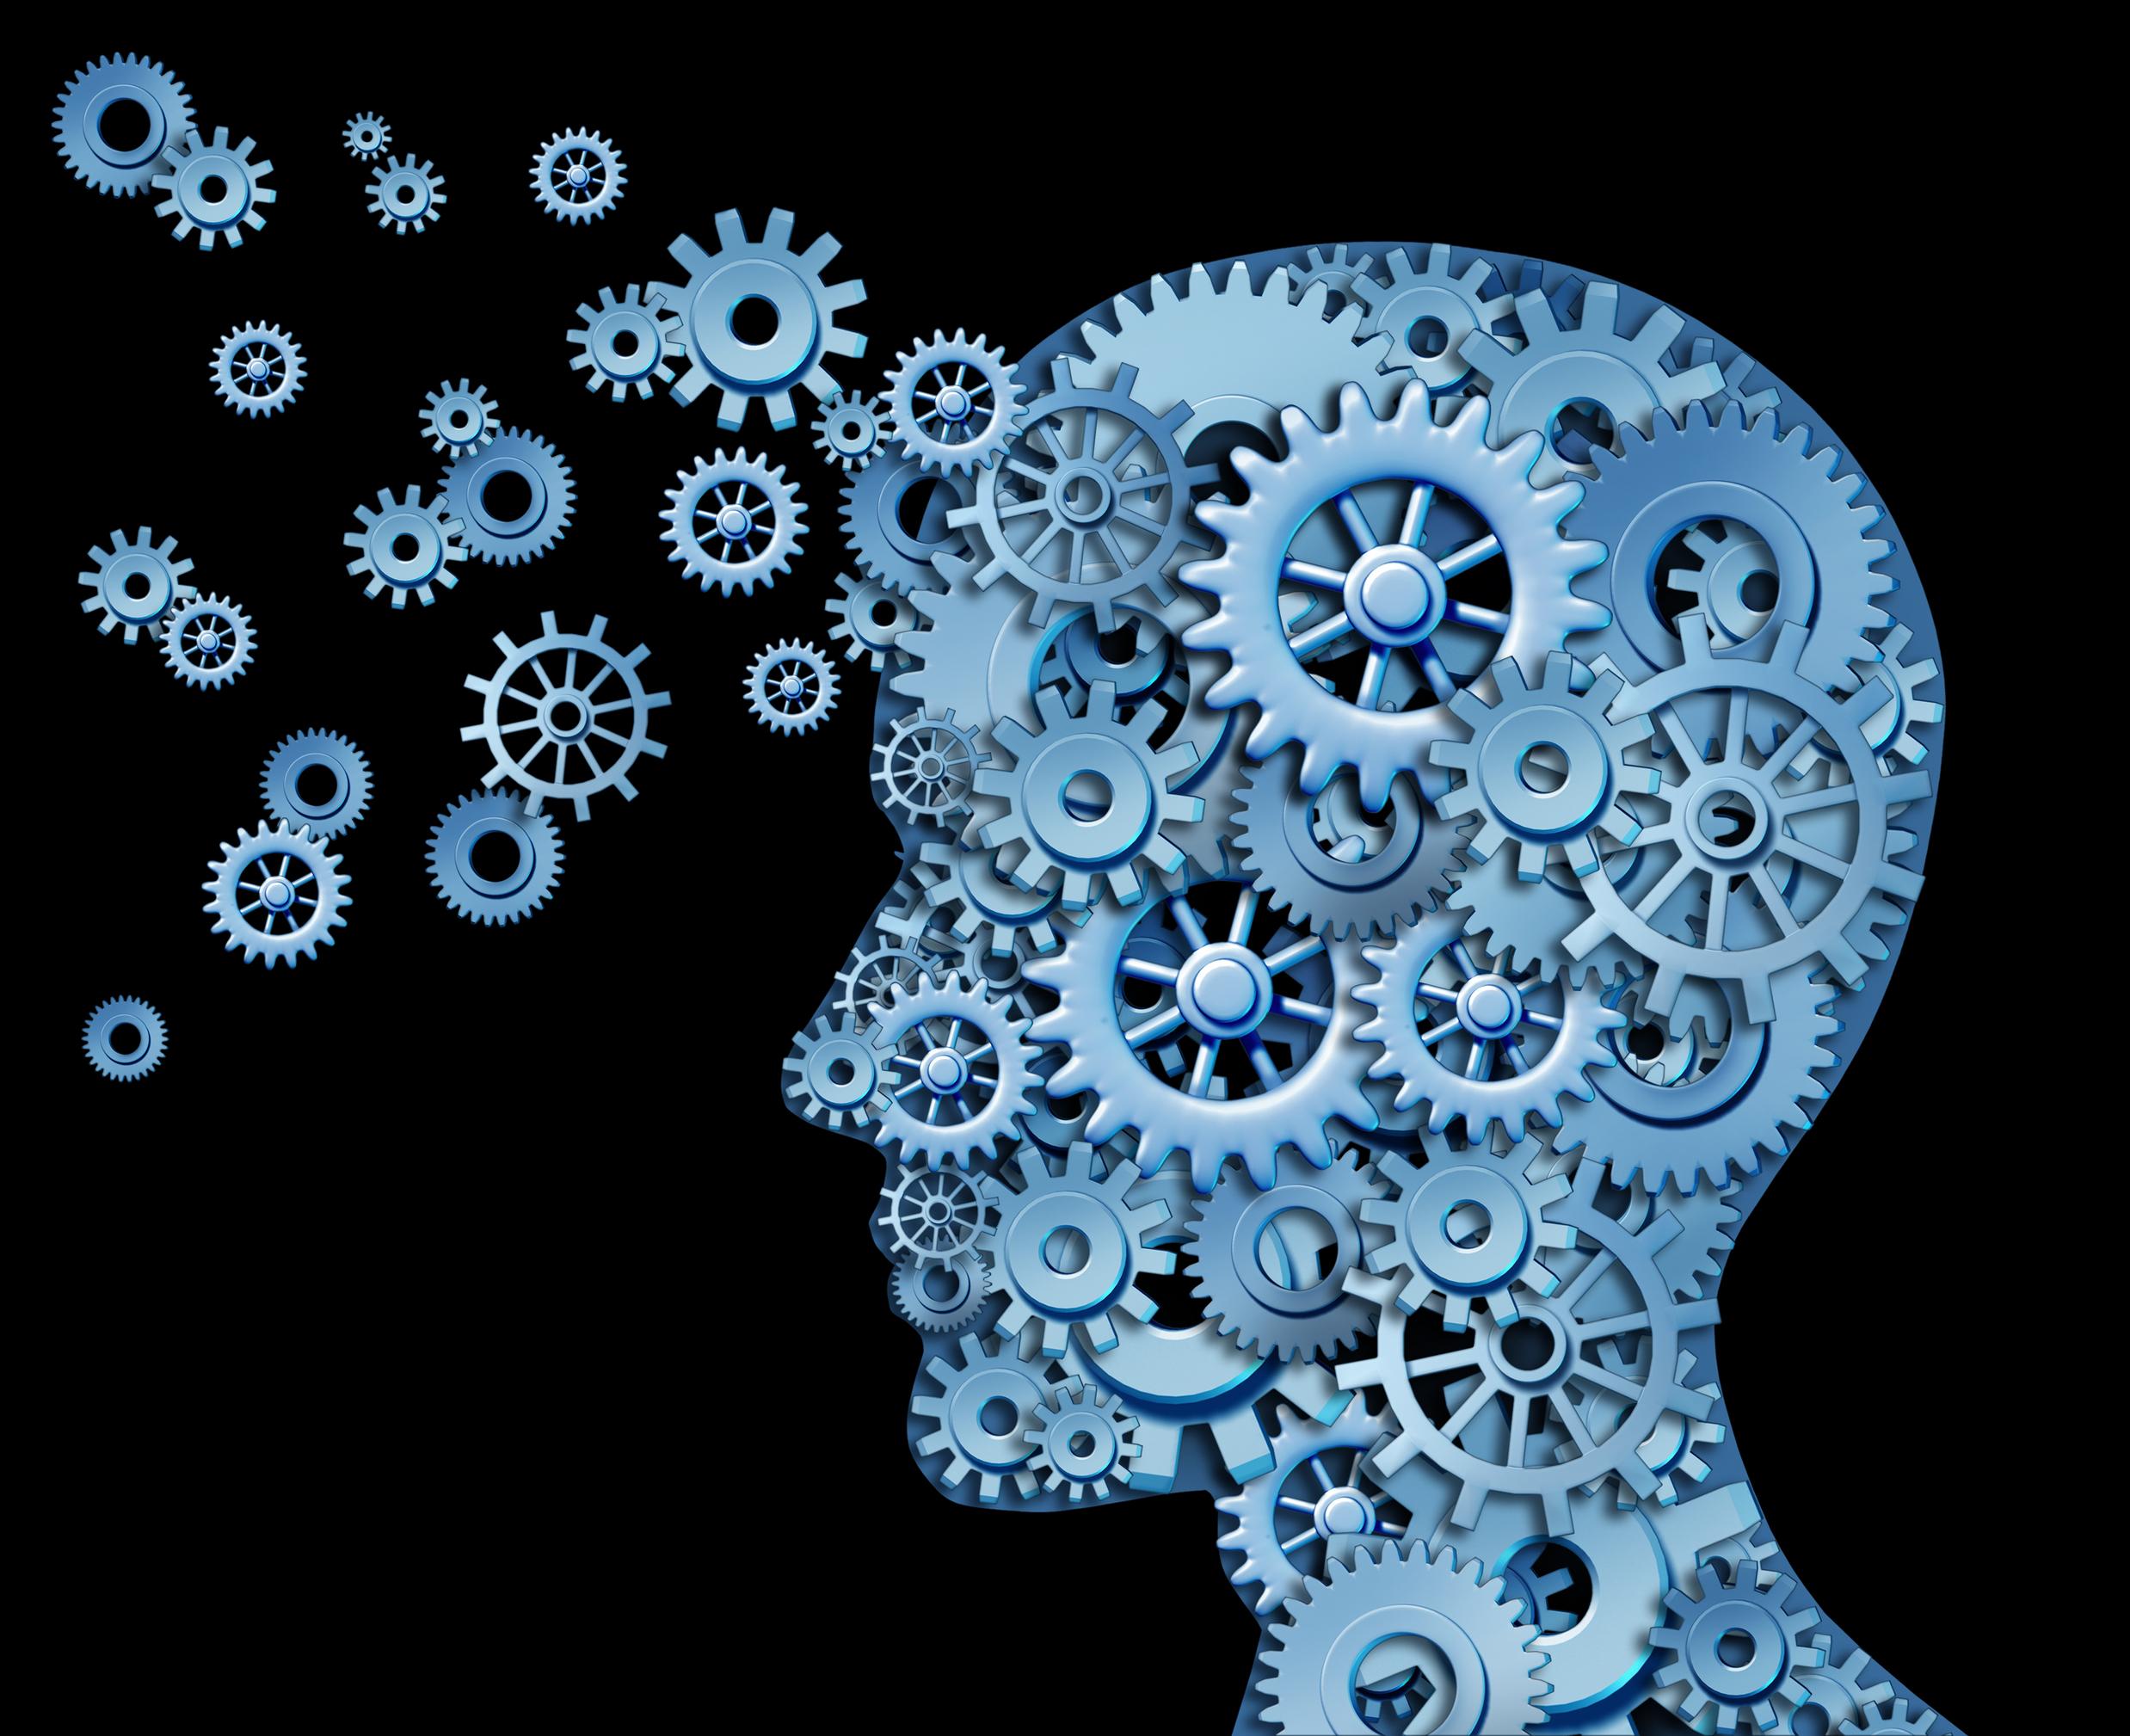 Введение В Нейролингвистическое Программирование